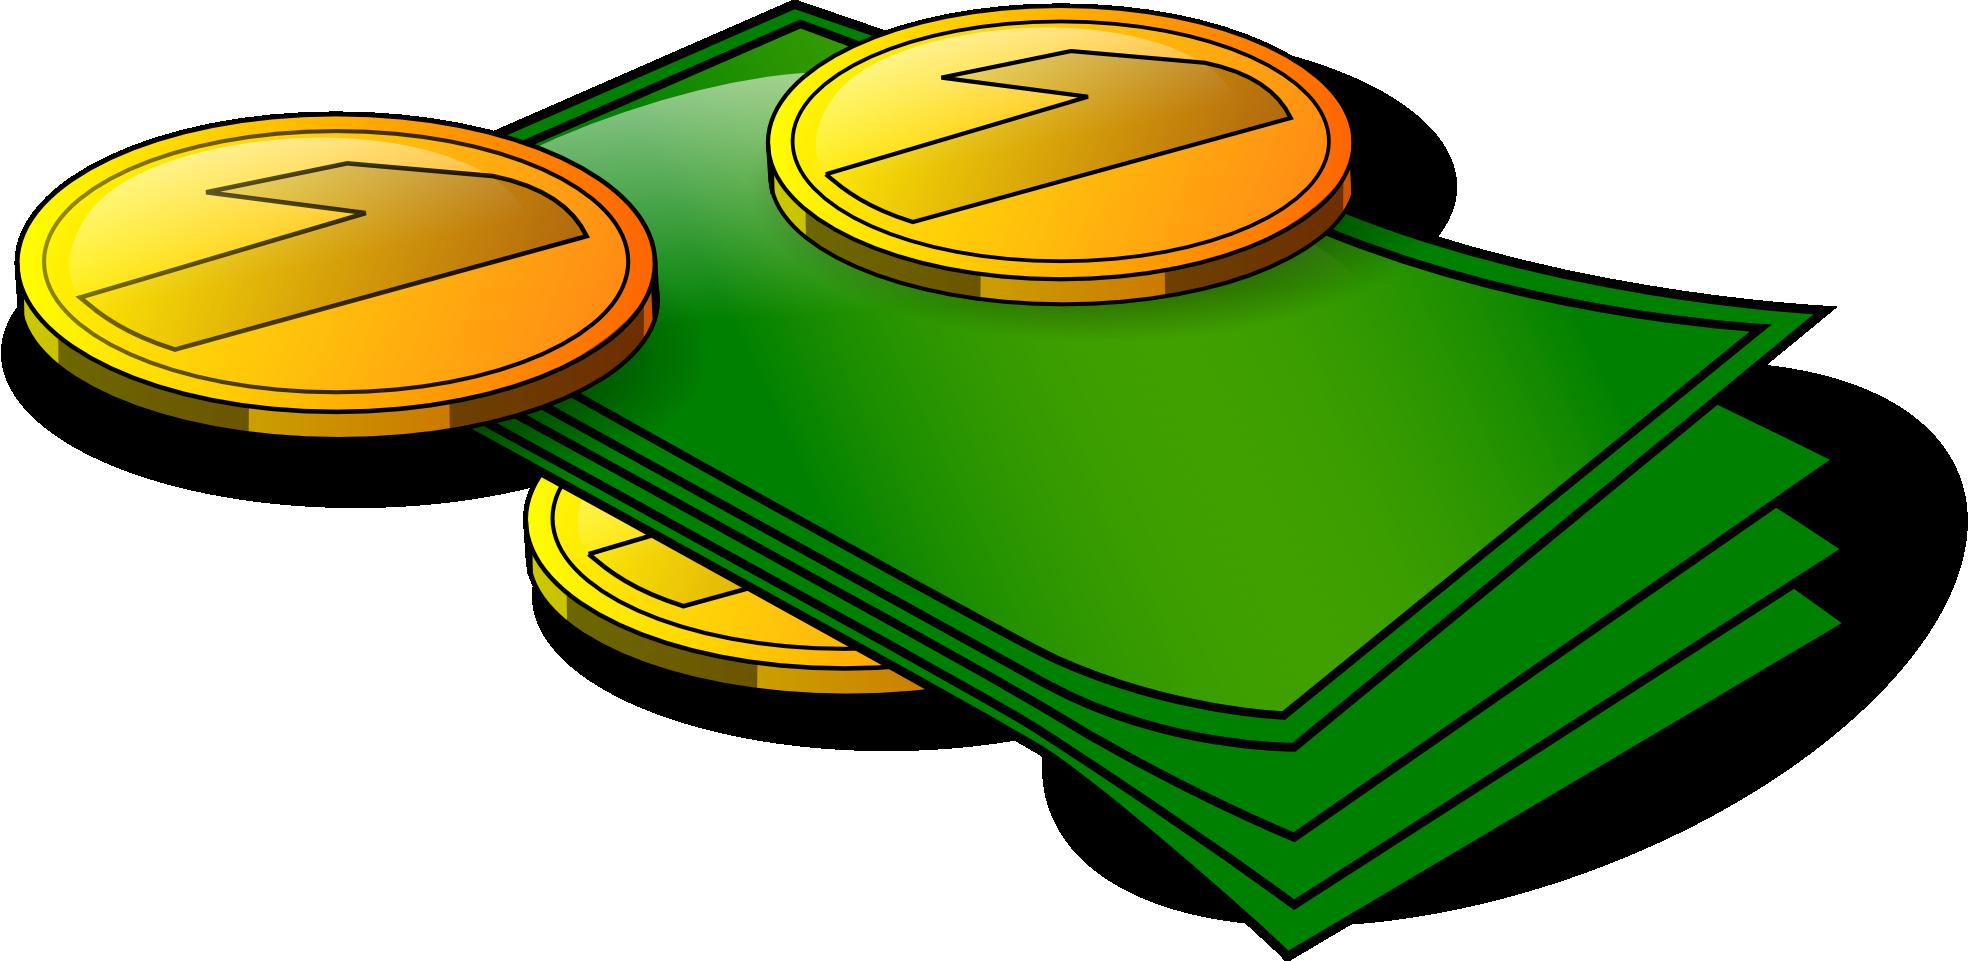 Money clipart-Money clipart-19